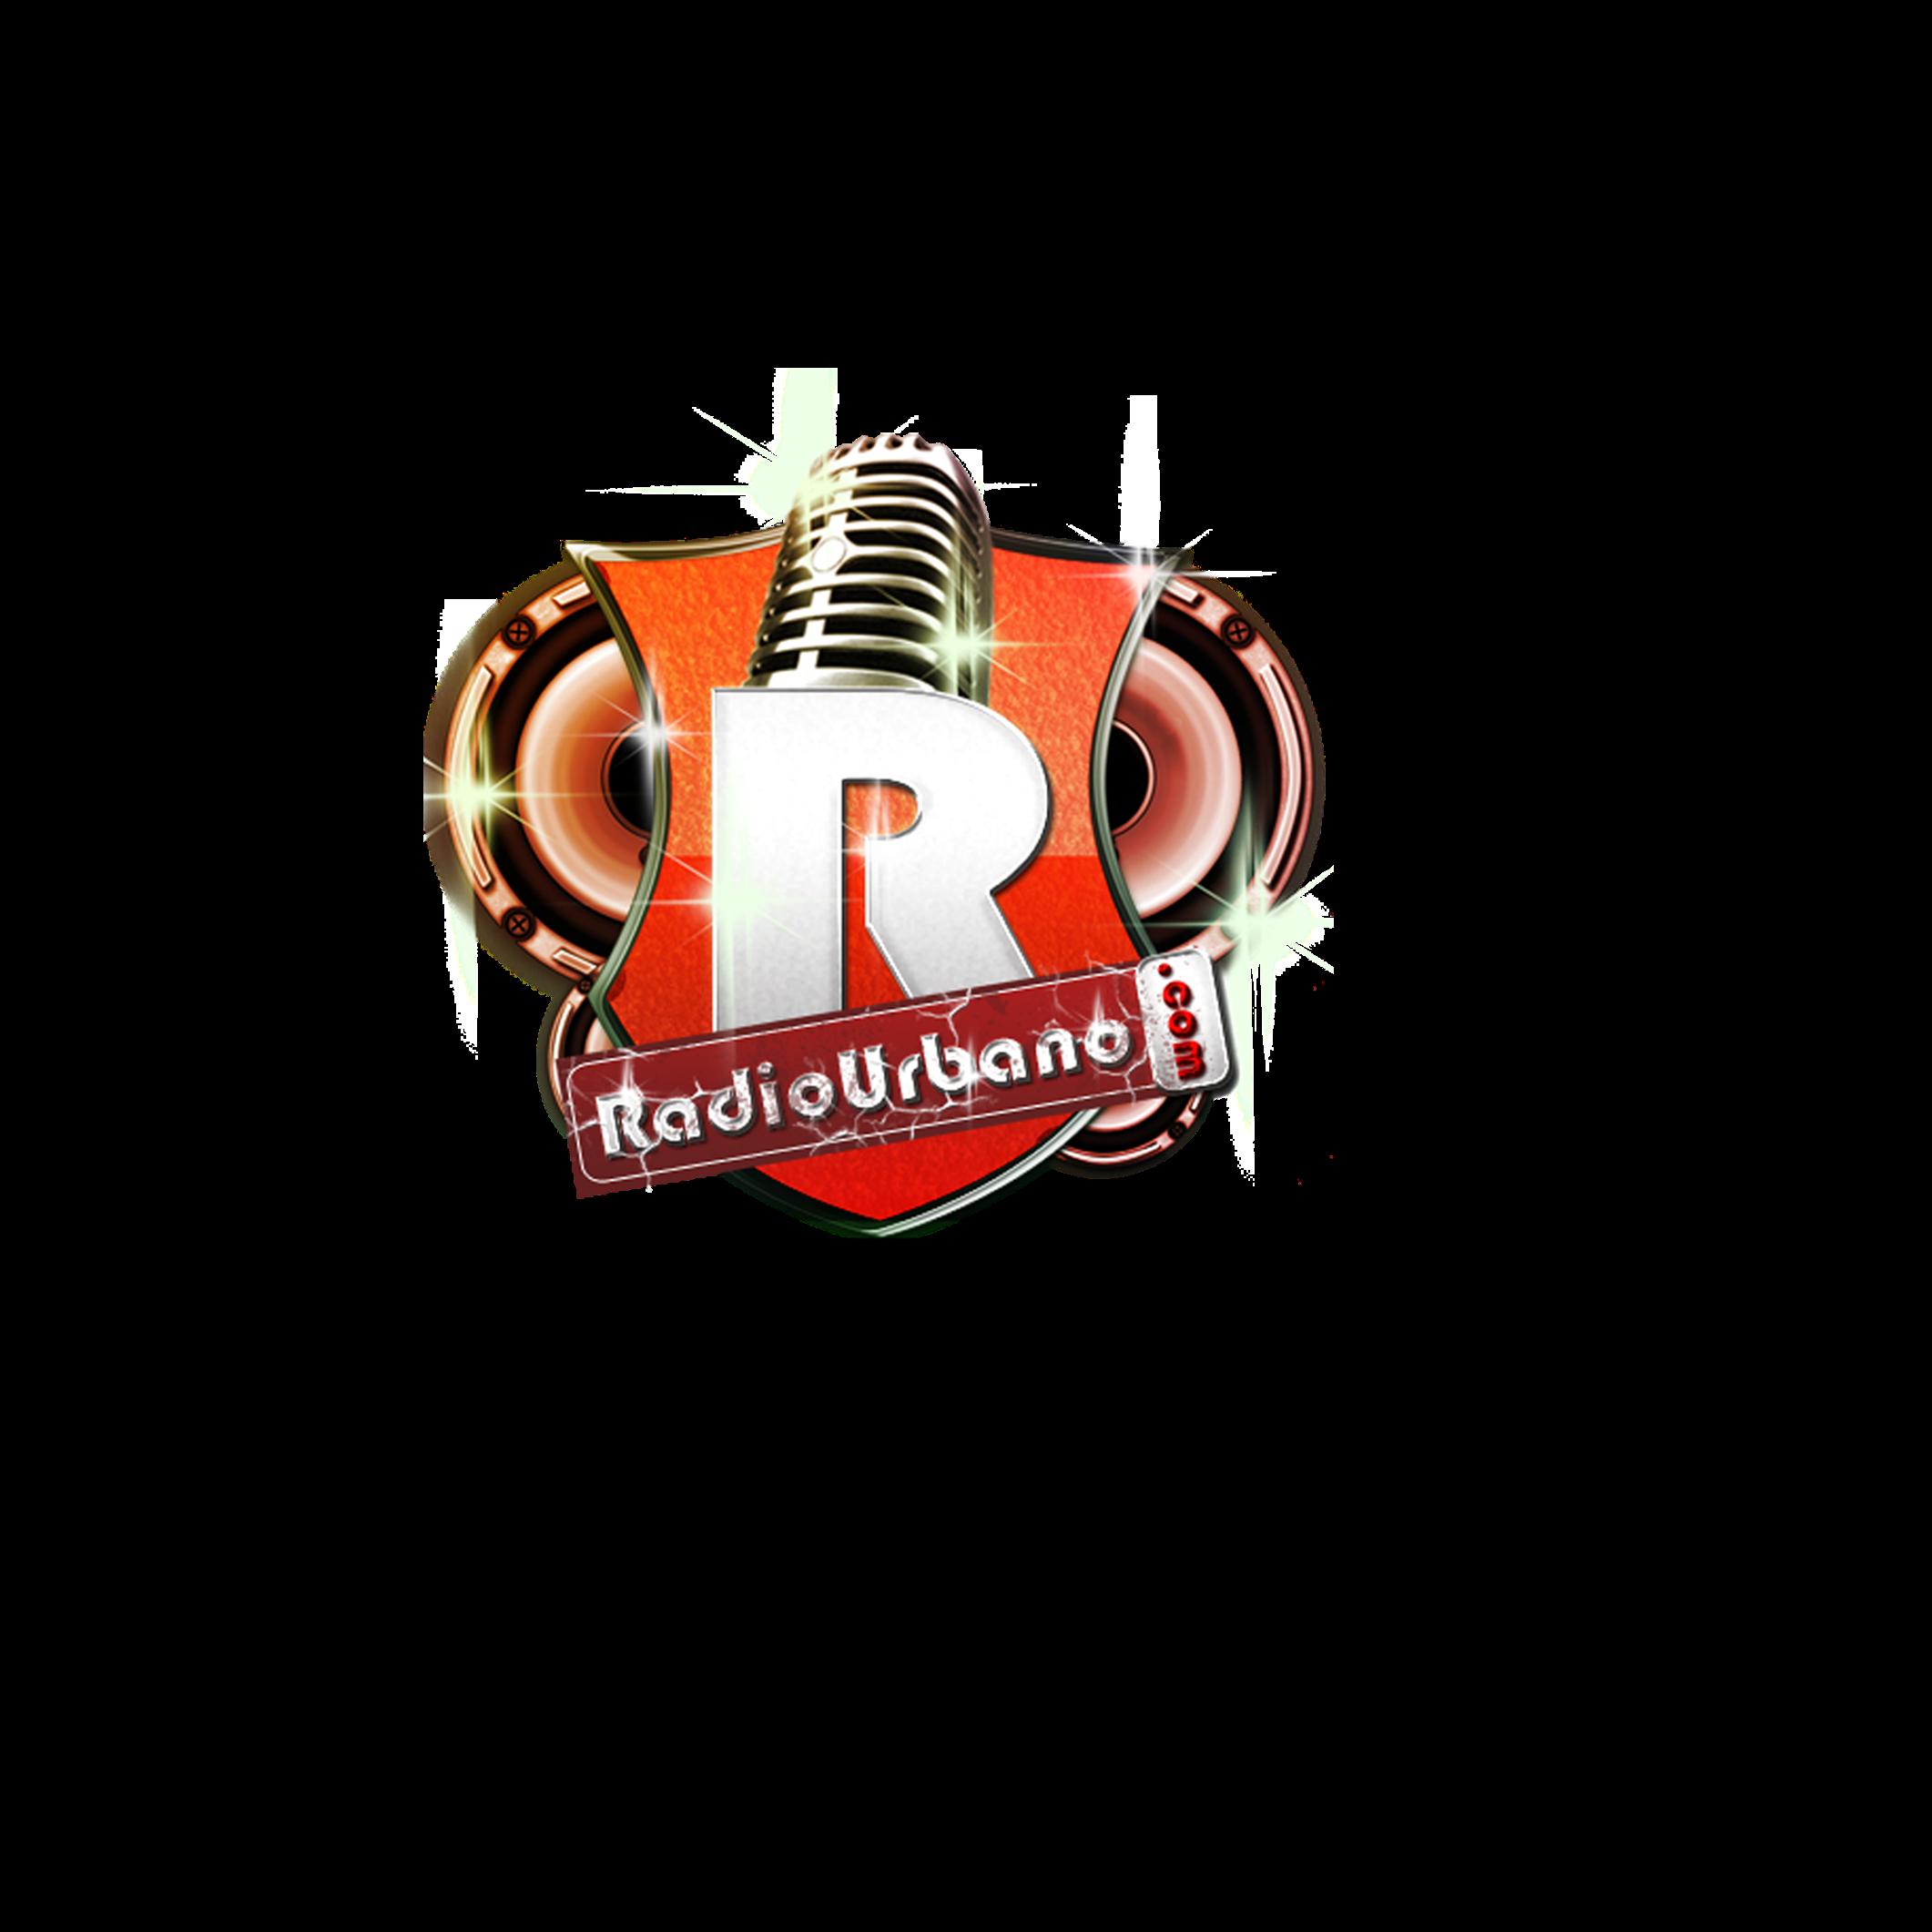 Radiourbano.com